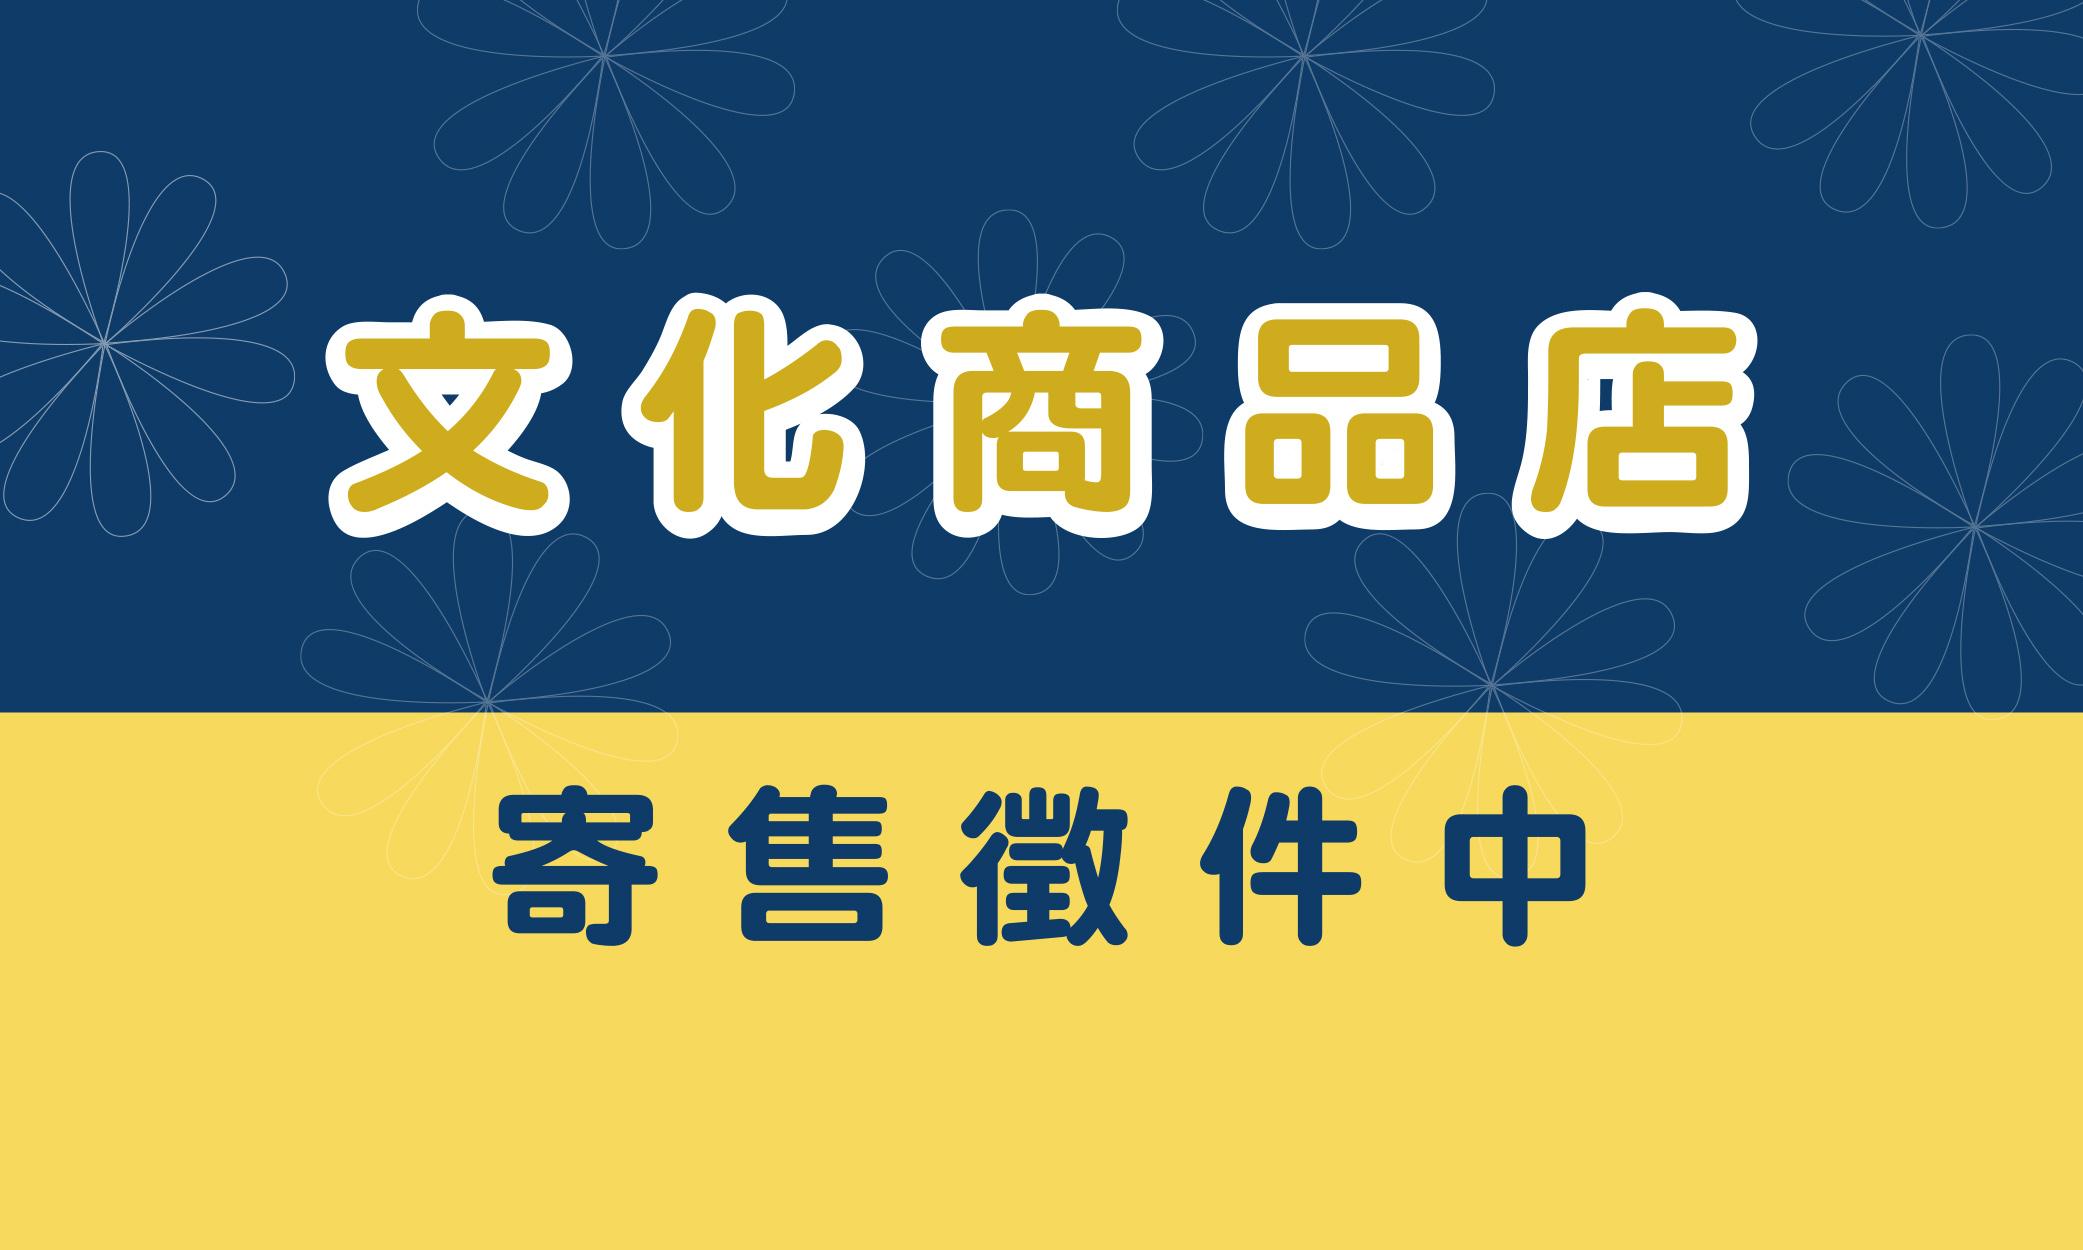 自營文化商品店公開徵求商品寄賣!!